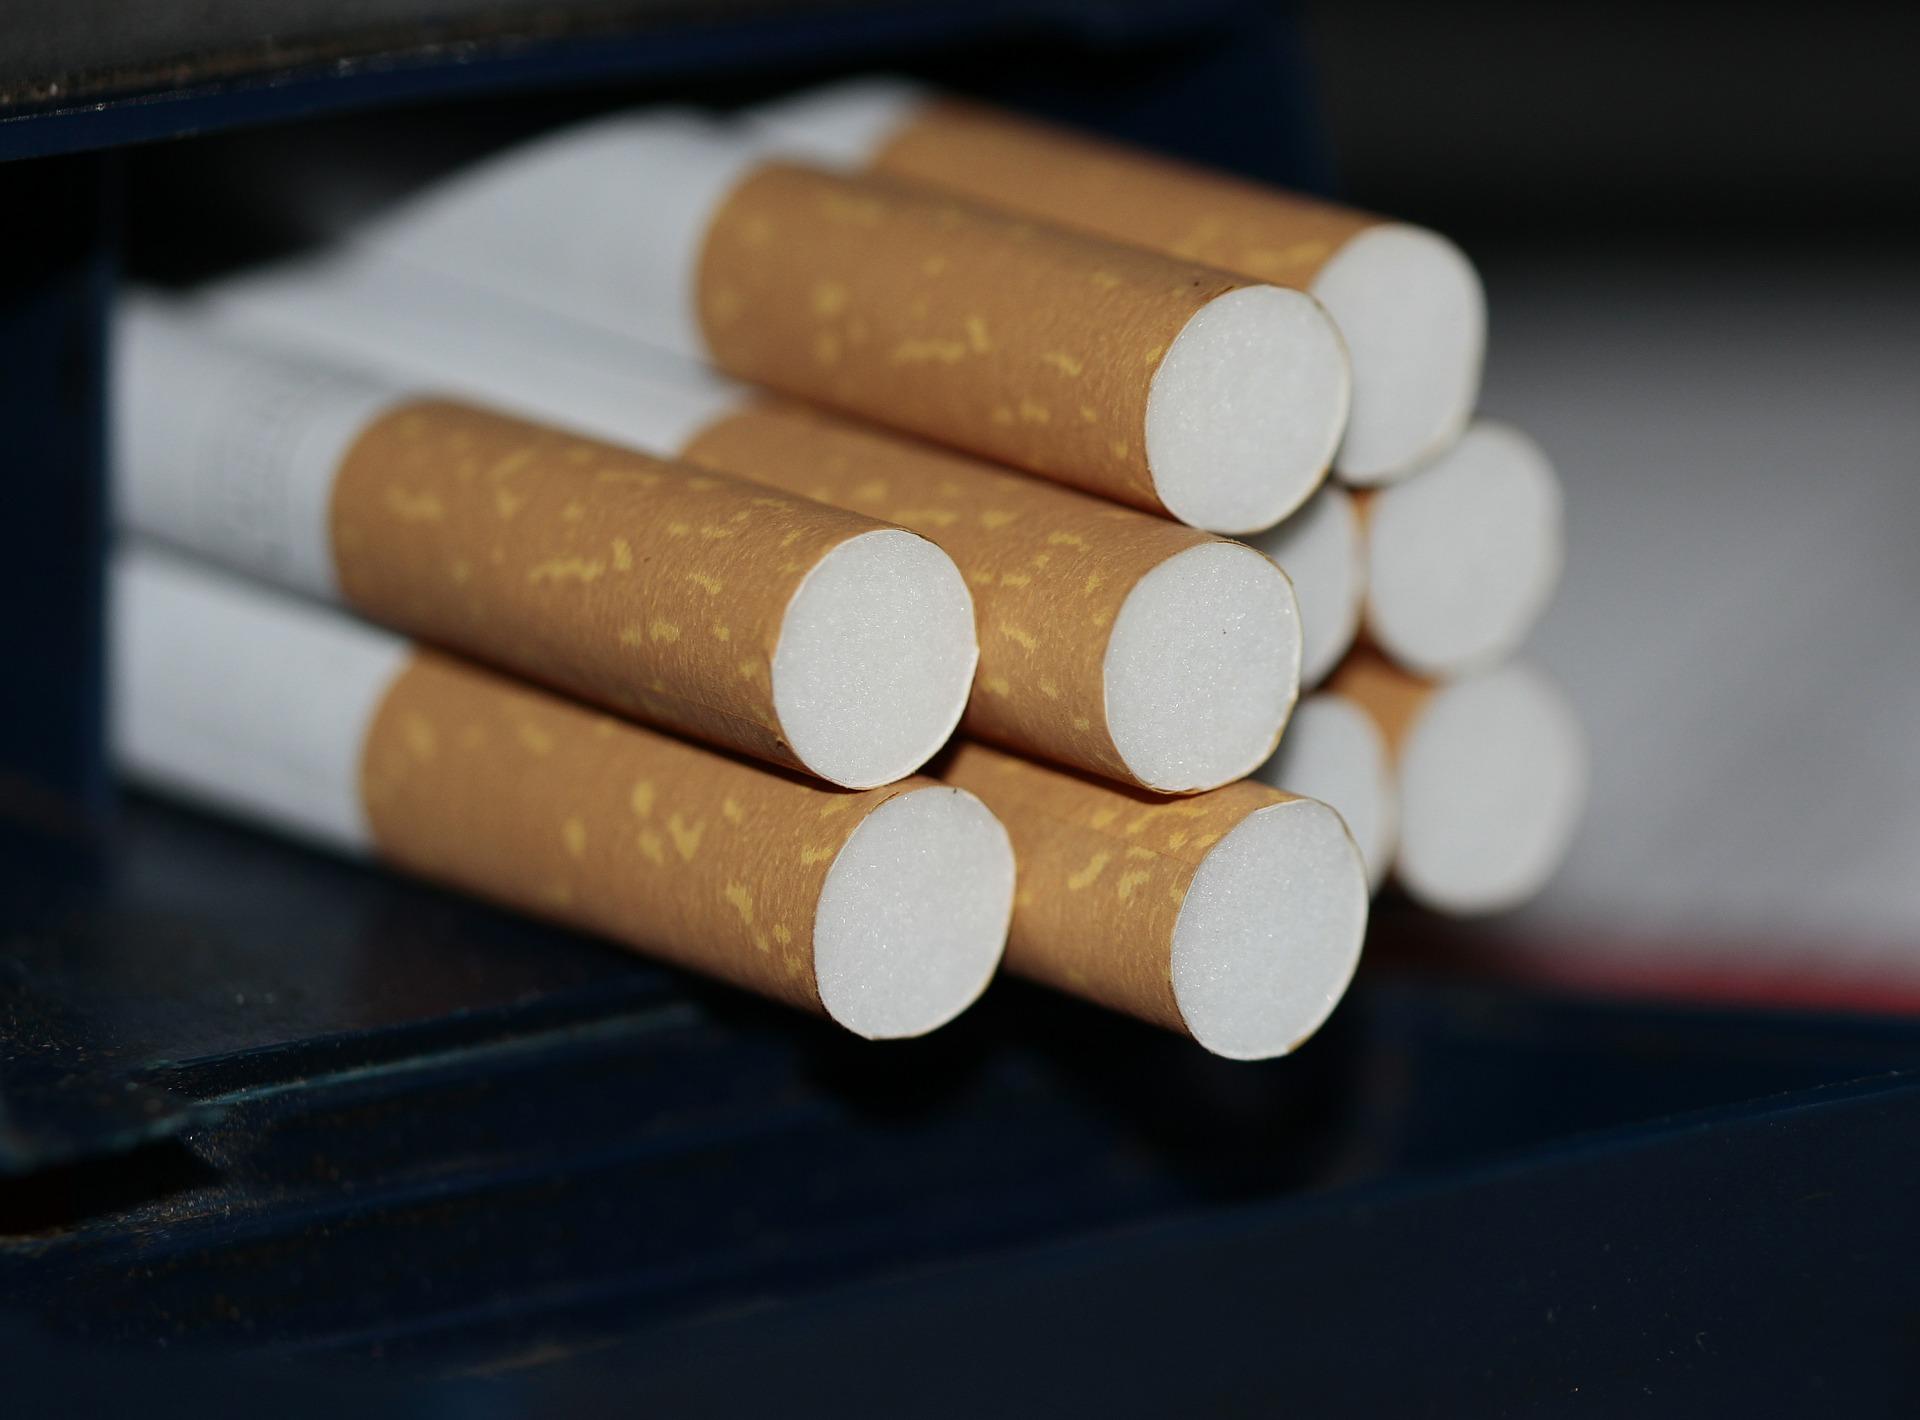 E-cigarette tax